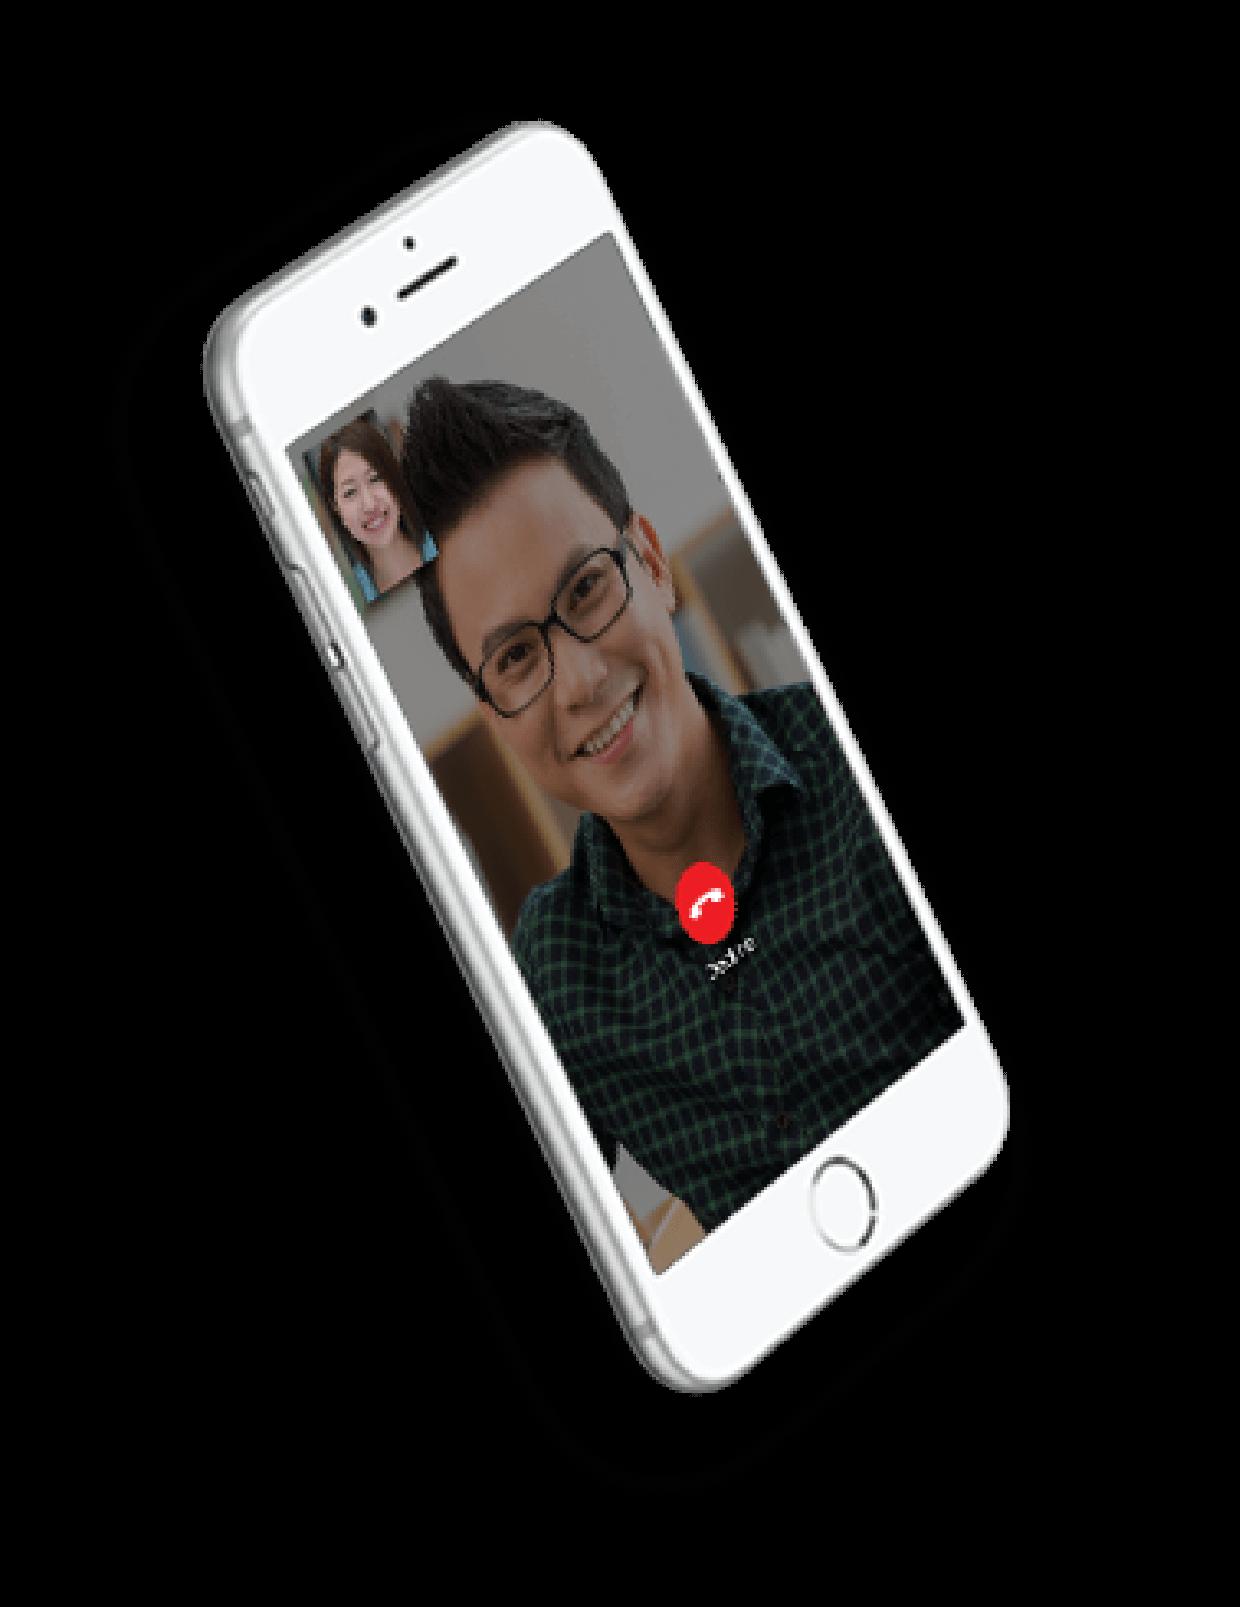 Frontline - Mobile App Development - Mobile